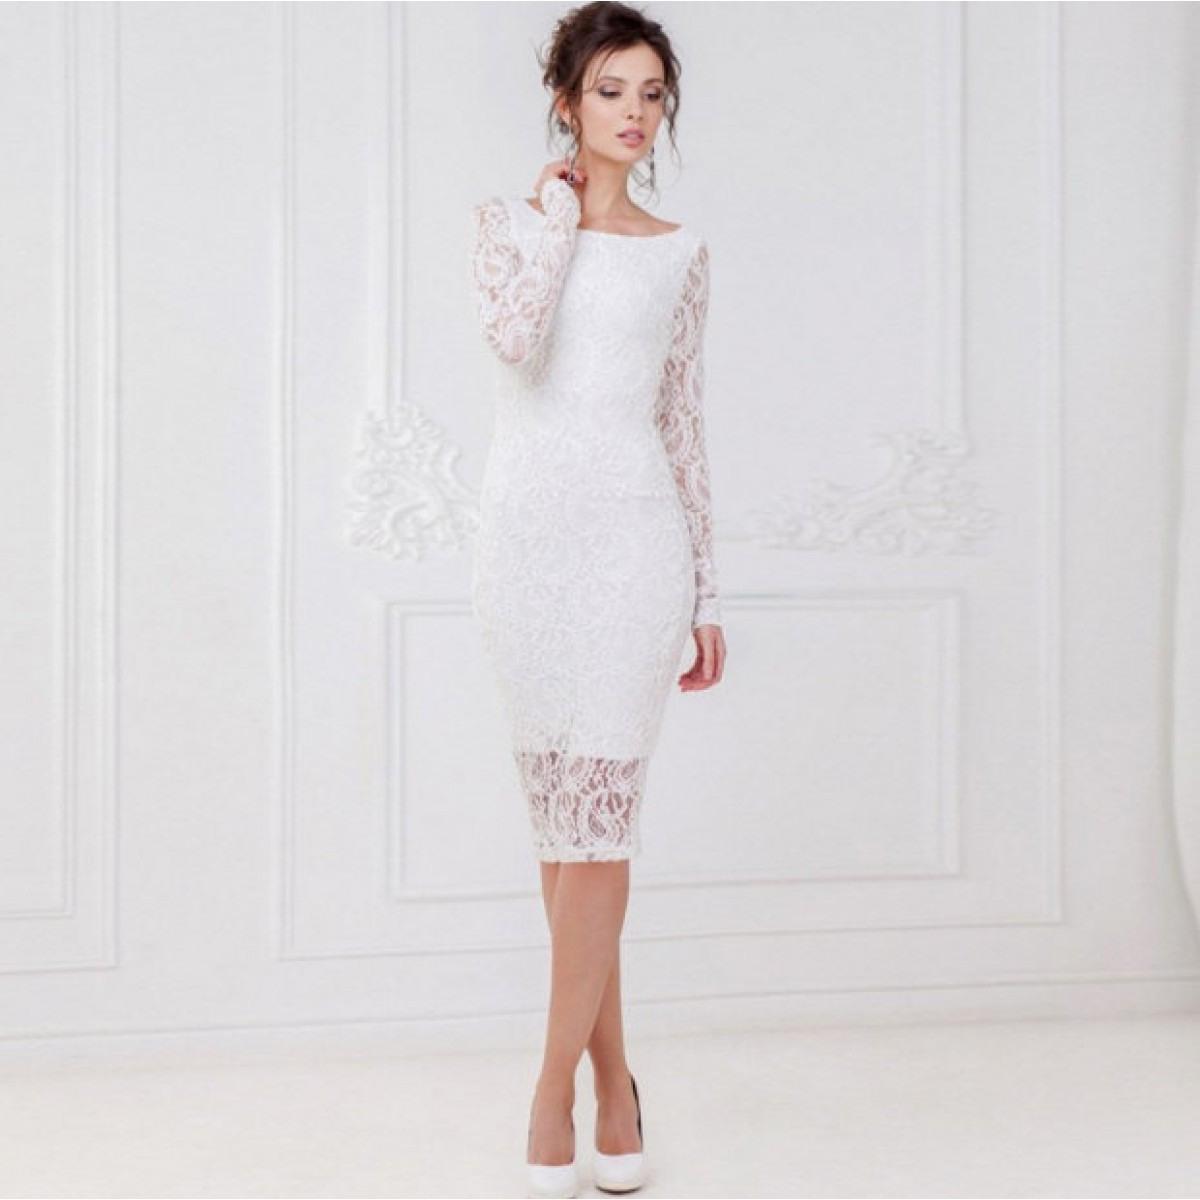 Langarm Midi Kleid Gerhilde Fuer Den Standesamt In Weiß